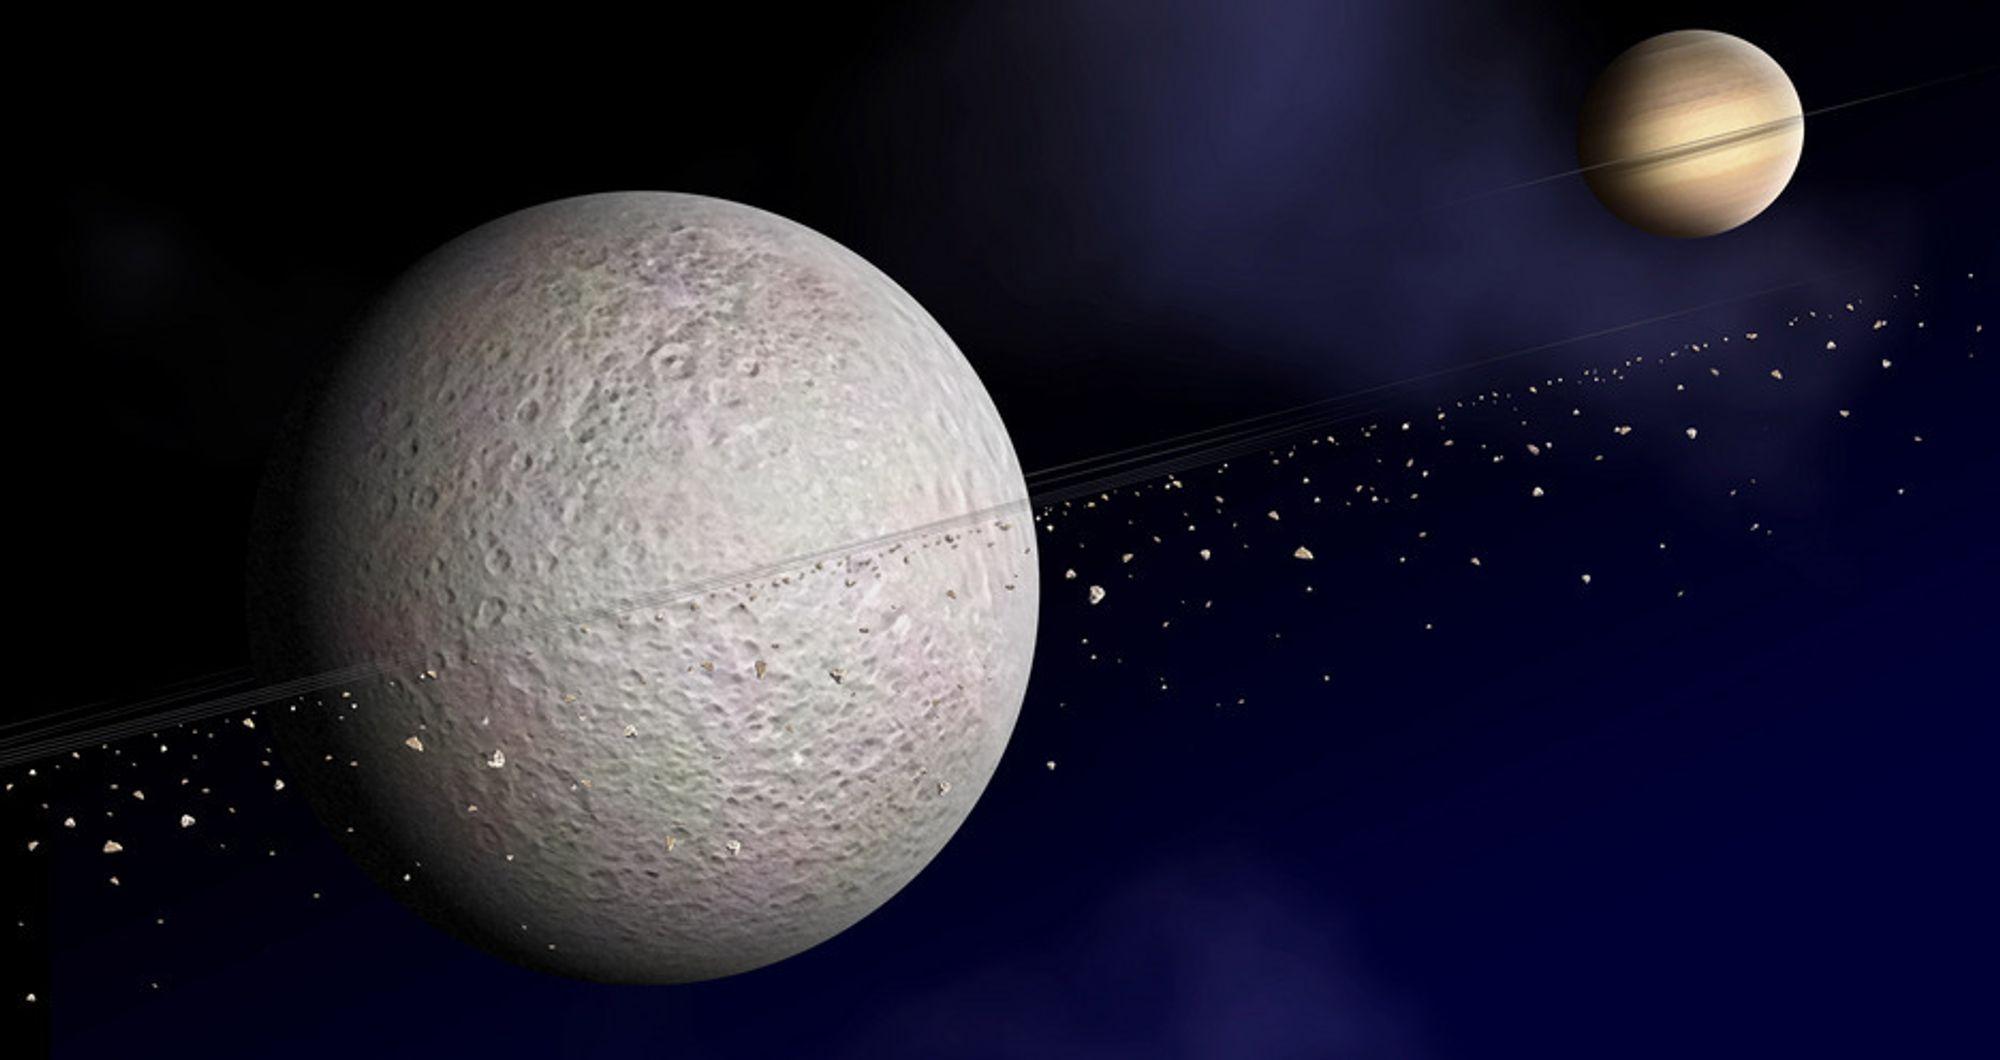 Månen Rhea er bare 1.500 kilometer i diameter. Likevel har astronomene nå funnet materiale som sirkler rundt månen, som dermed ser ut til å ha sitt eget ringsystem, akkurat som moderplaneten Saturn.